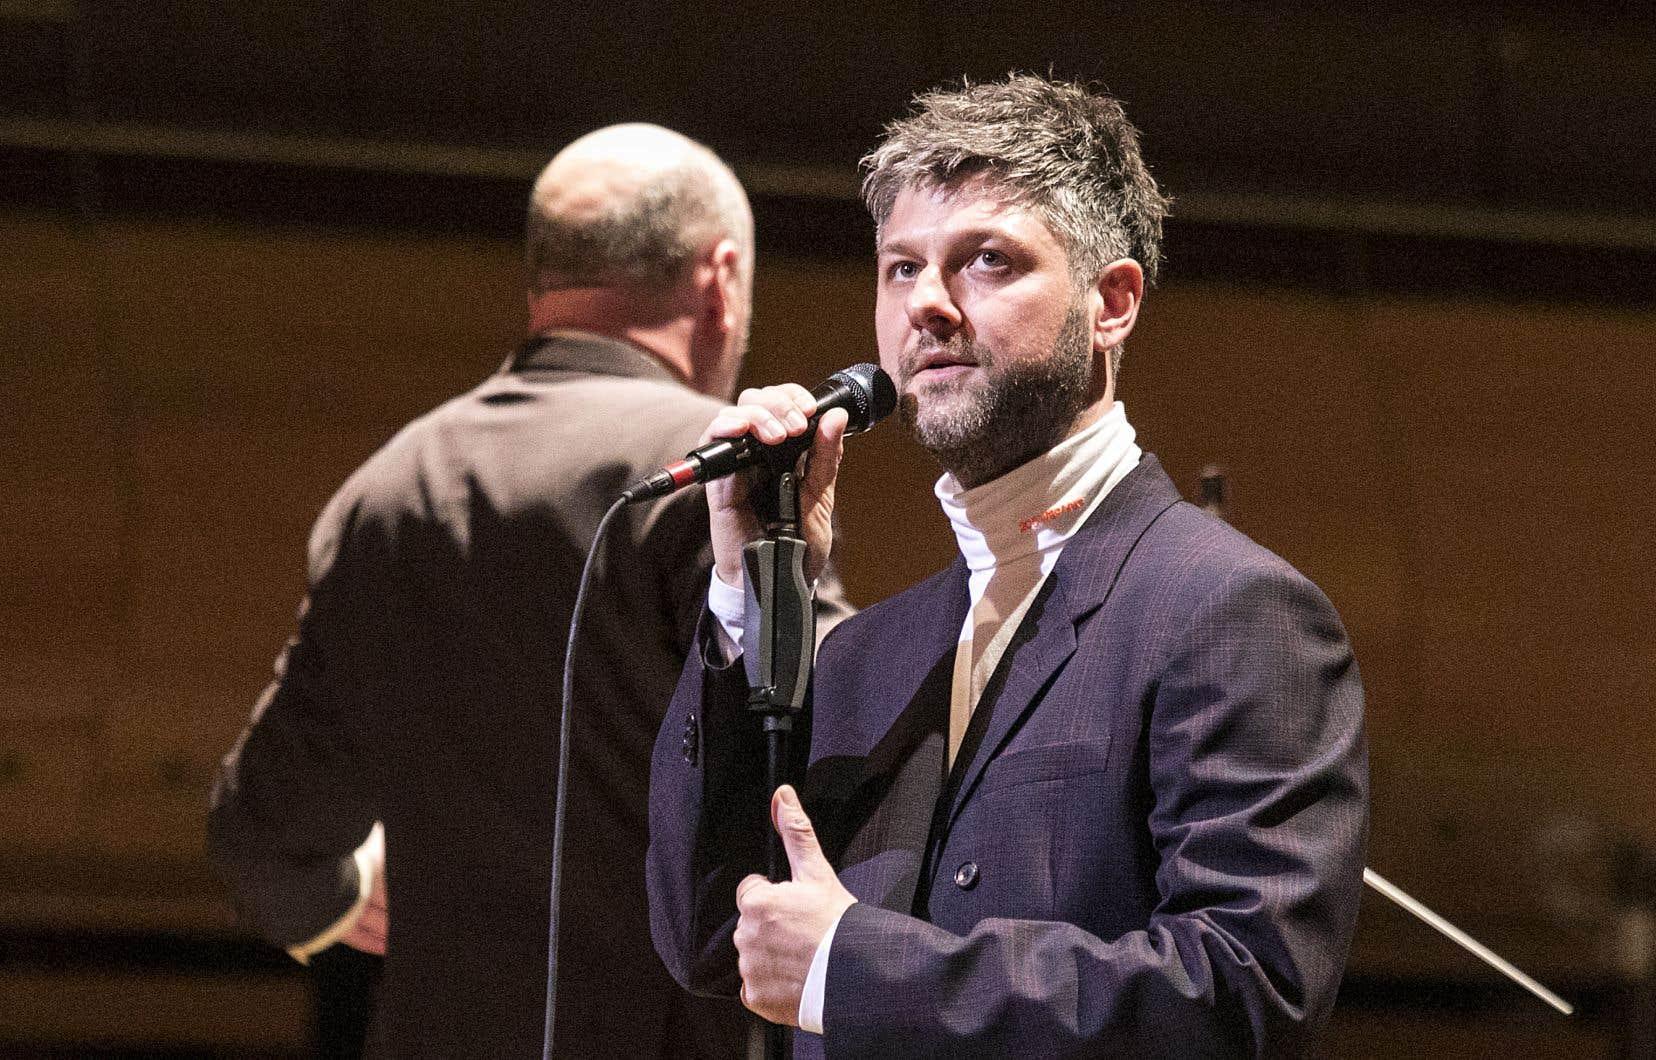 Col roulé blanc, veston ajusté, très néo-Michel Legrand dans le genre,Pierre Lapointe a tâté du grand orchestre jeudi soir.